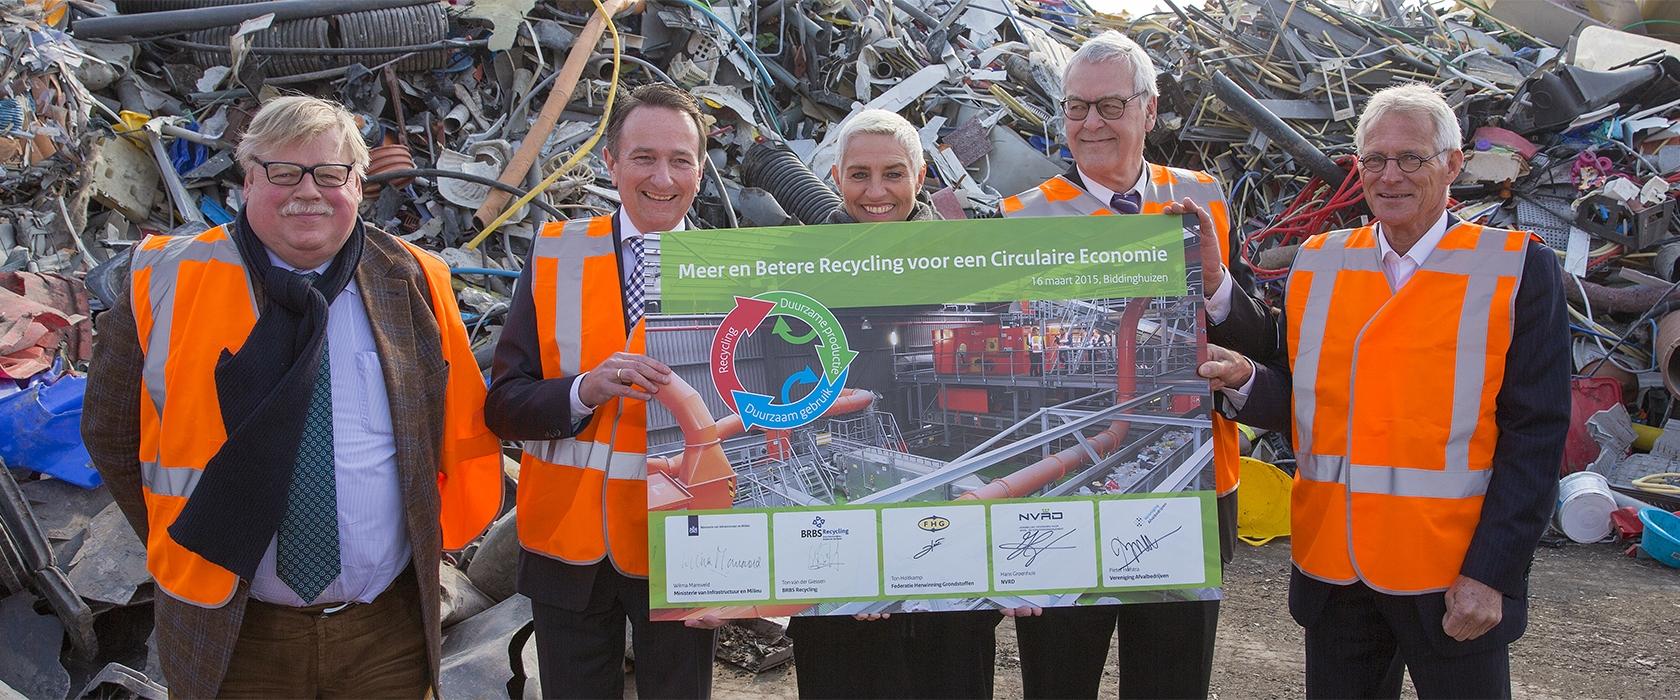 Van Werven gastheer bij ondertekening van convenant Meer en Betere Recycling